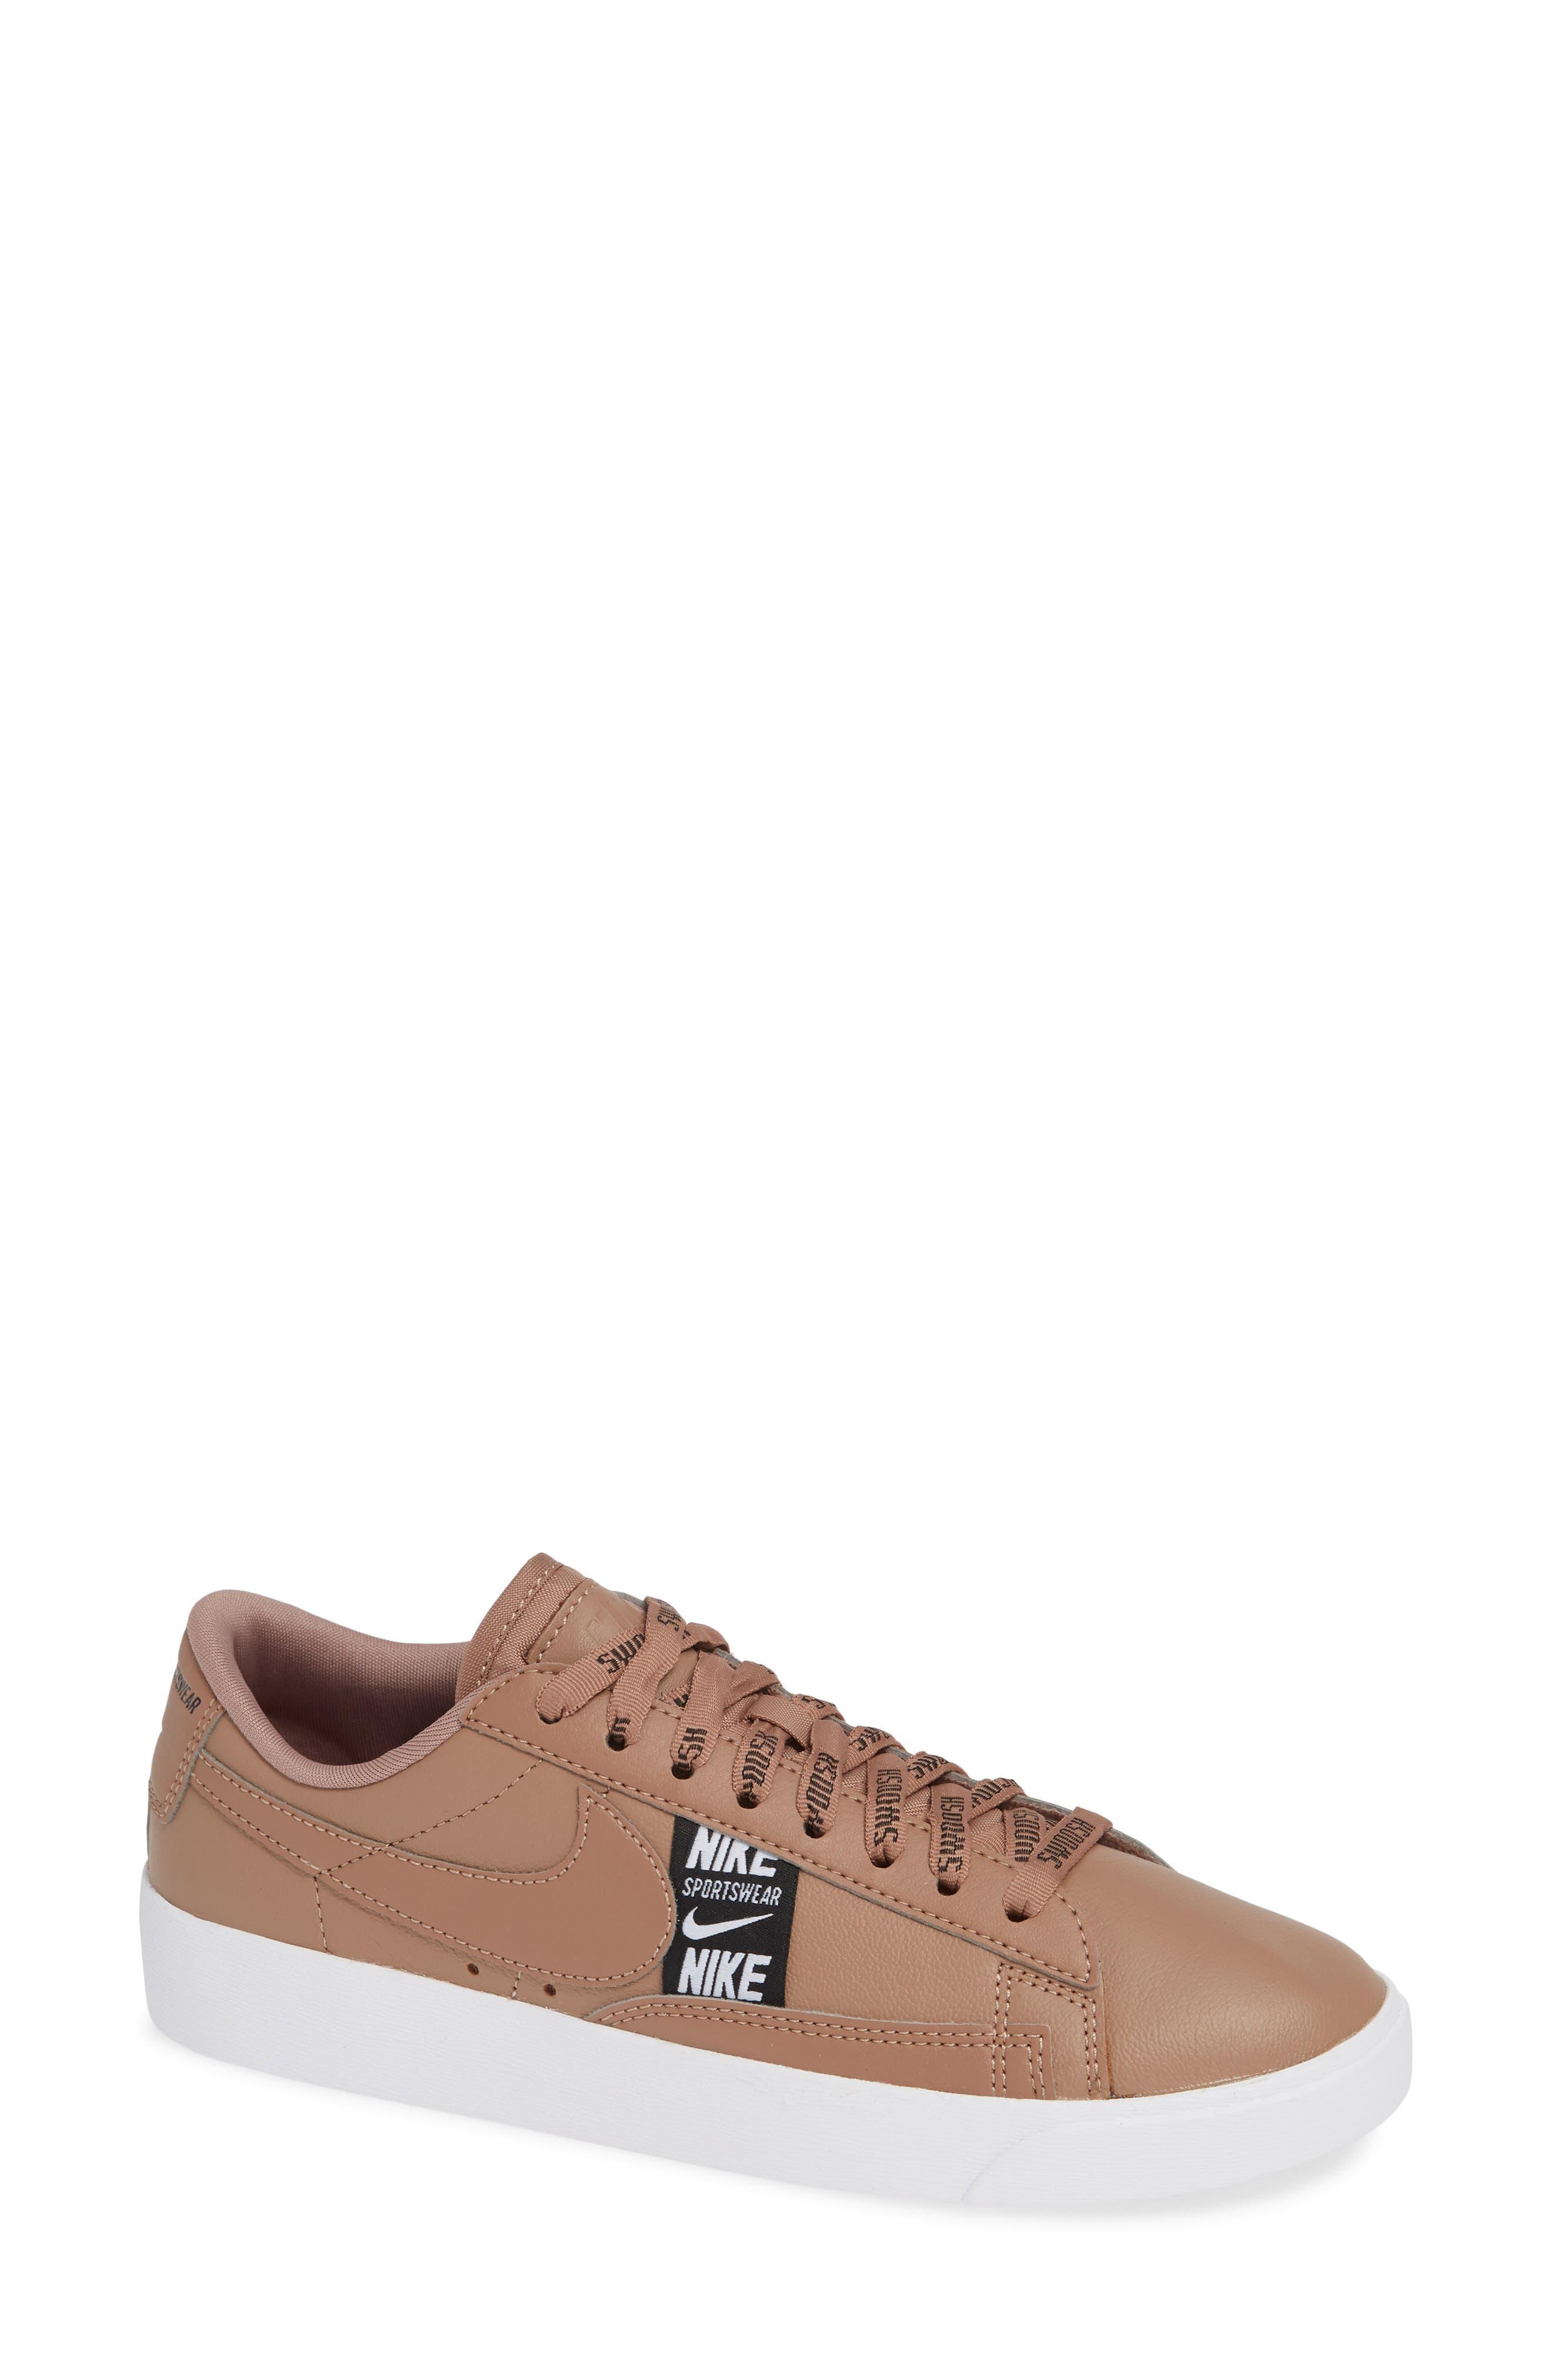 Blazer Low Se Sneaker by Nike